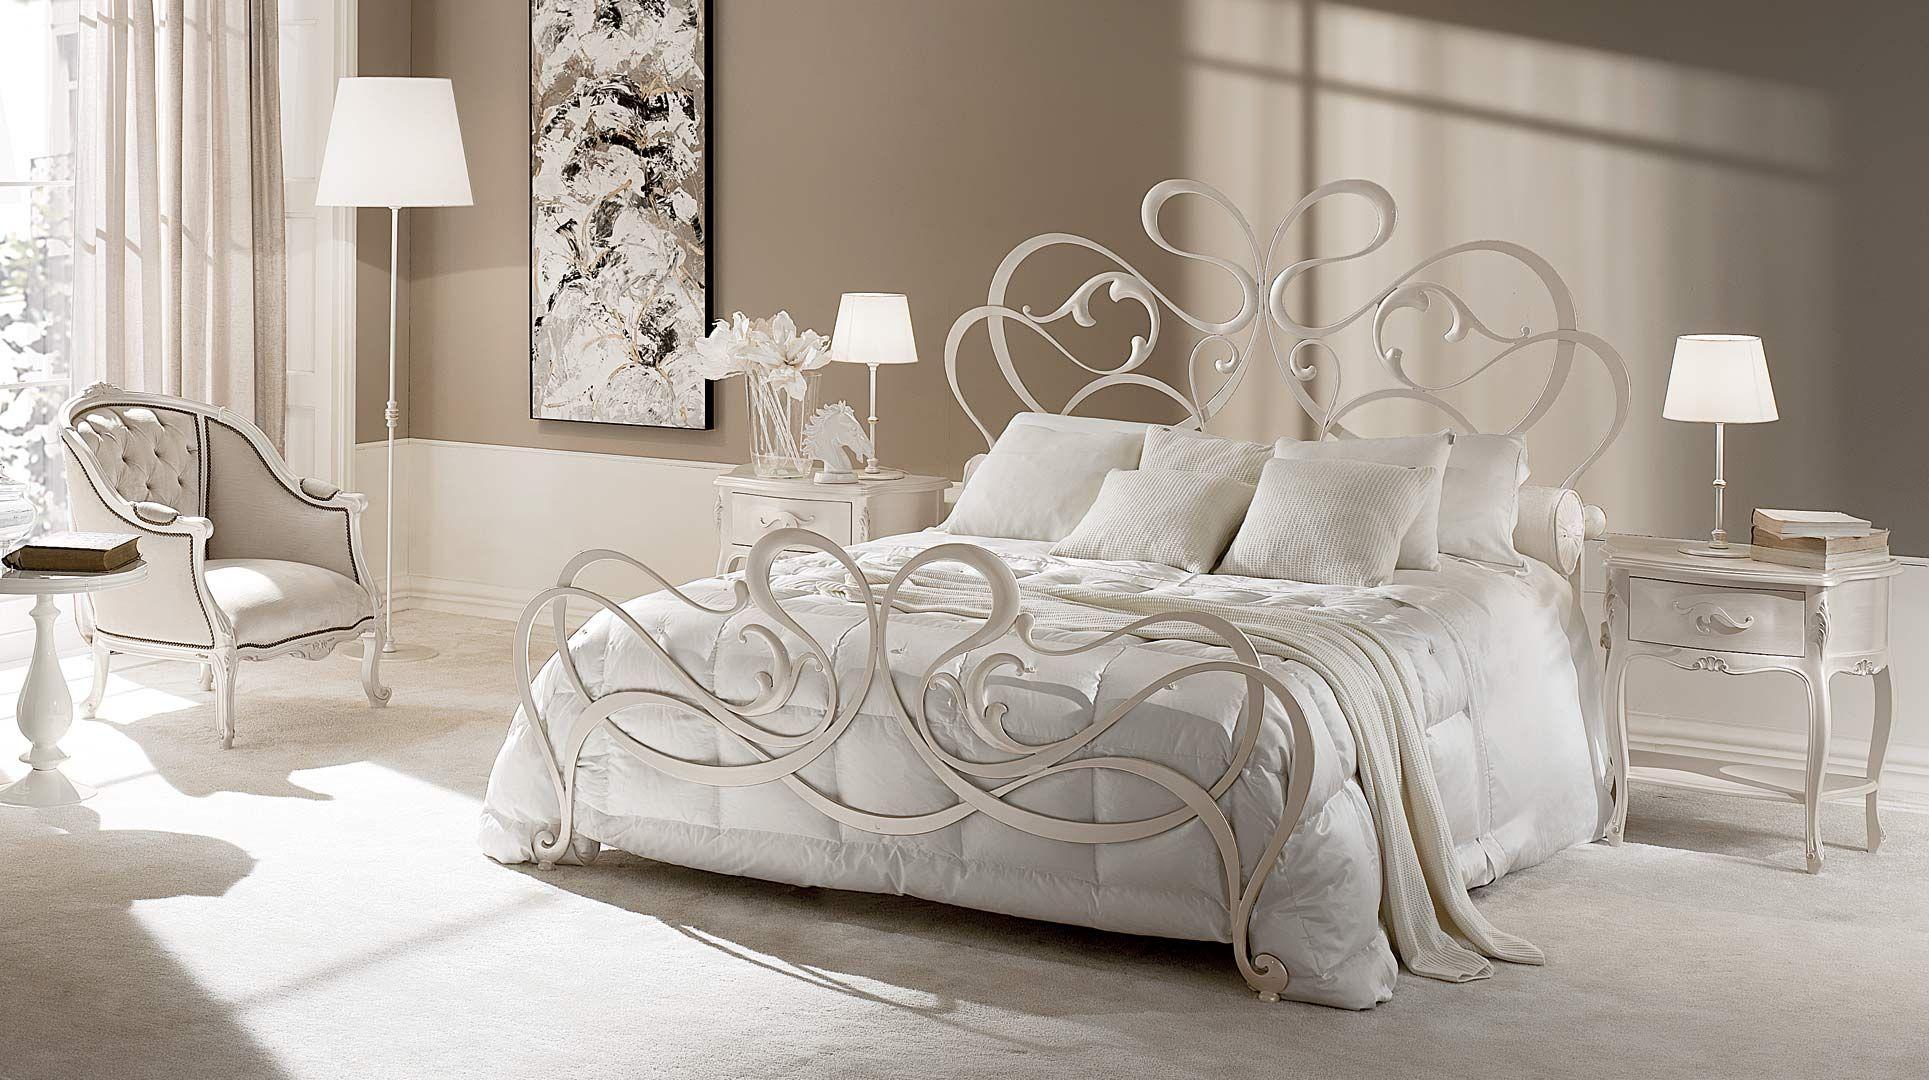 bedroom - Cantori | Bedrooms | Pinterest | Letti, Arredamento e ...